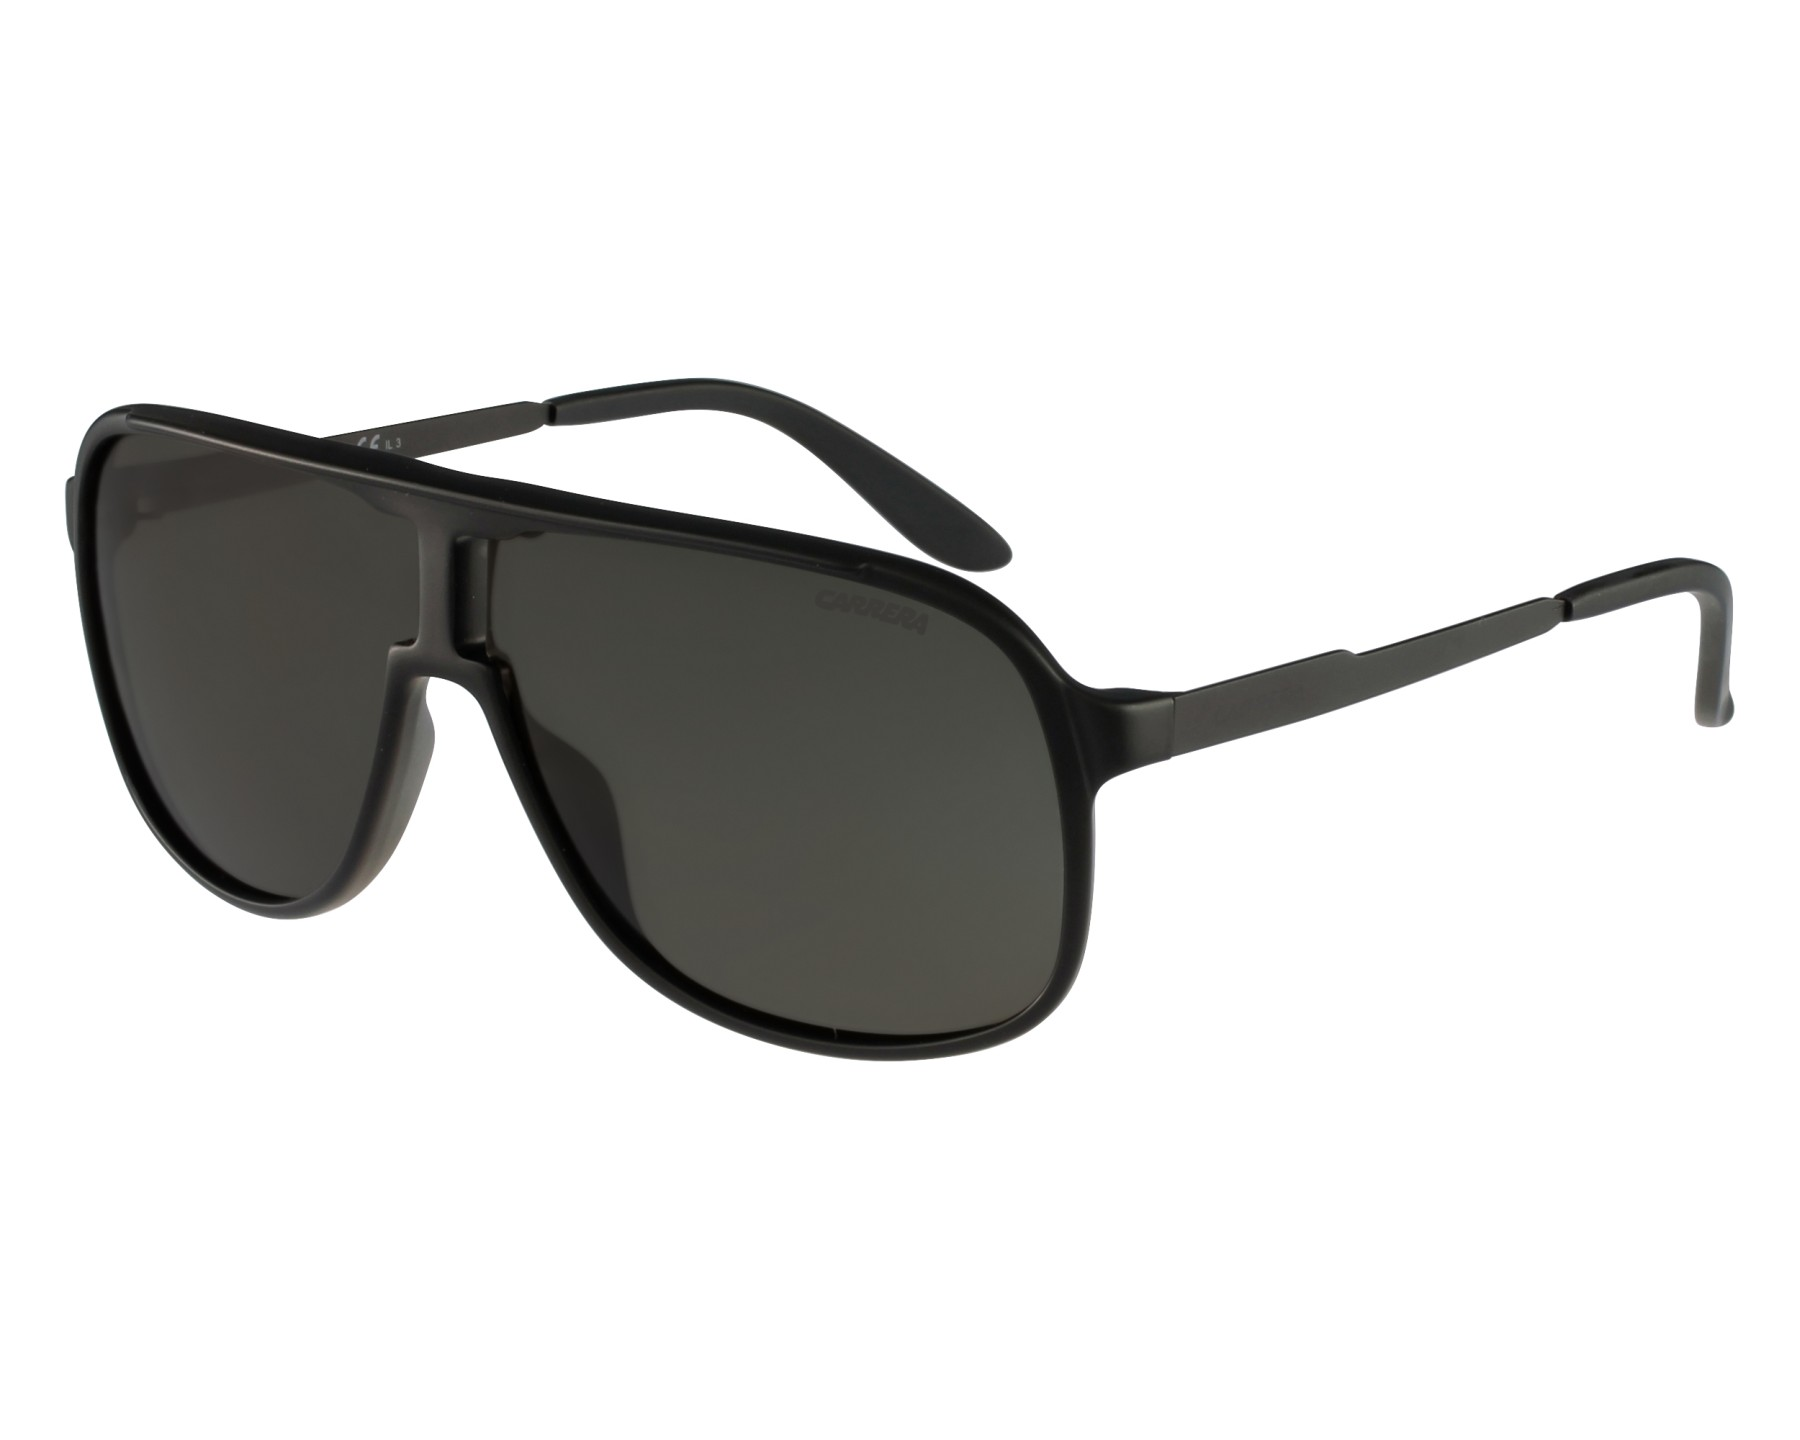 1adac40ed6 Gafas de sol Carrera New-Safari GTN/NR 62-8 Negra vista de